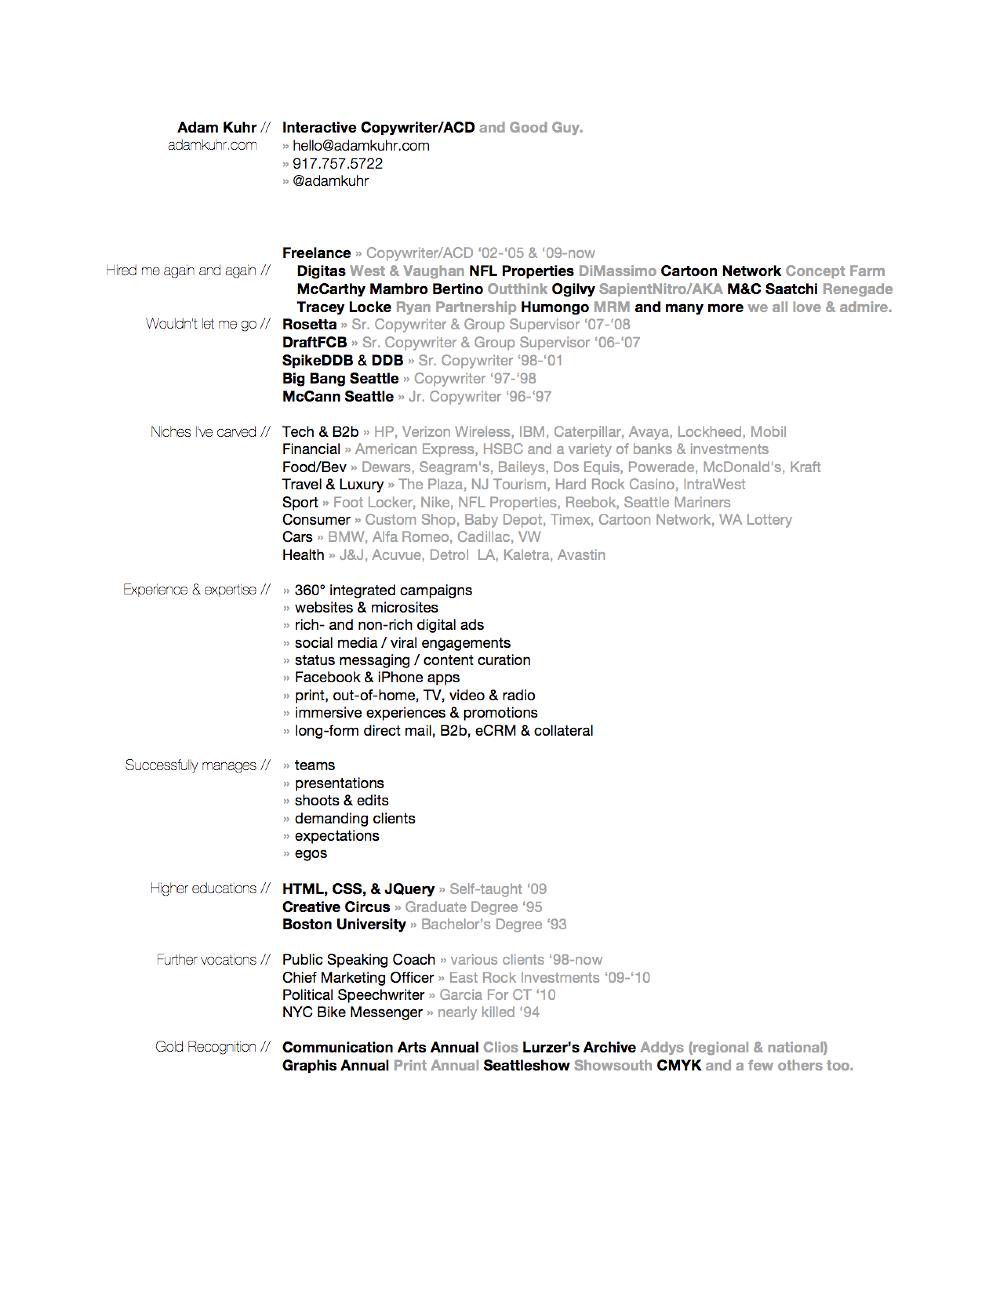 Kuhr_CopywriterACD-resume_1000.png